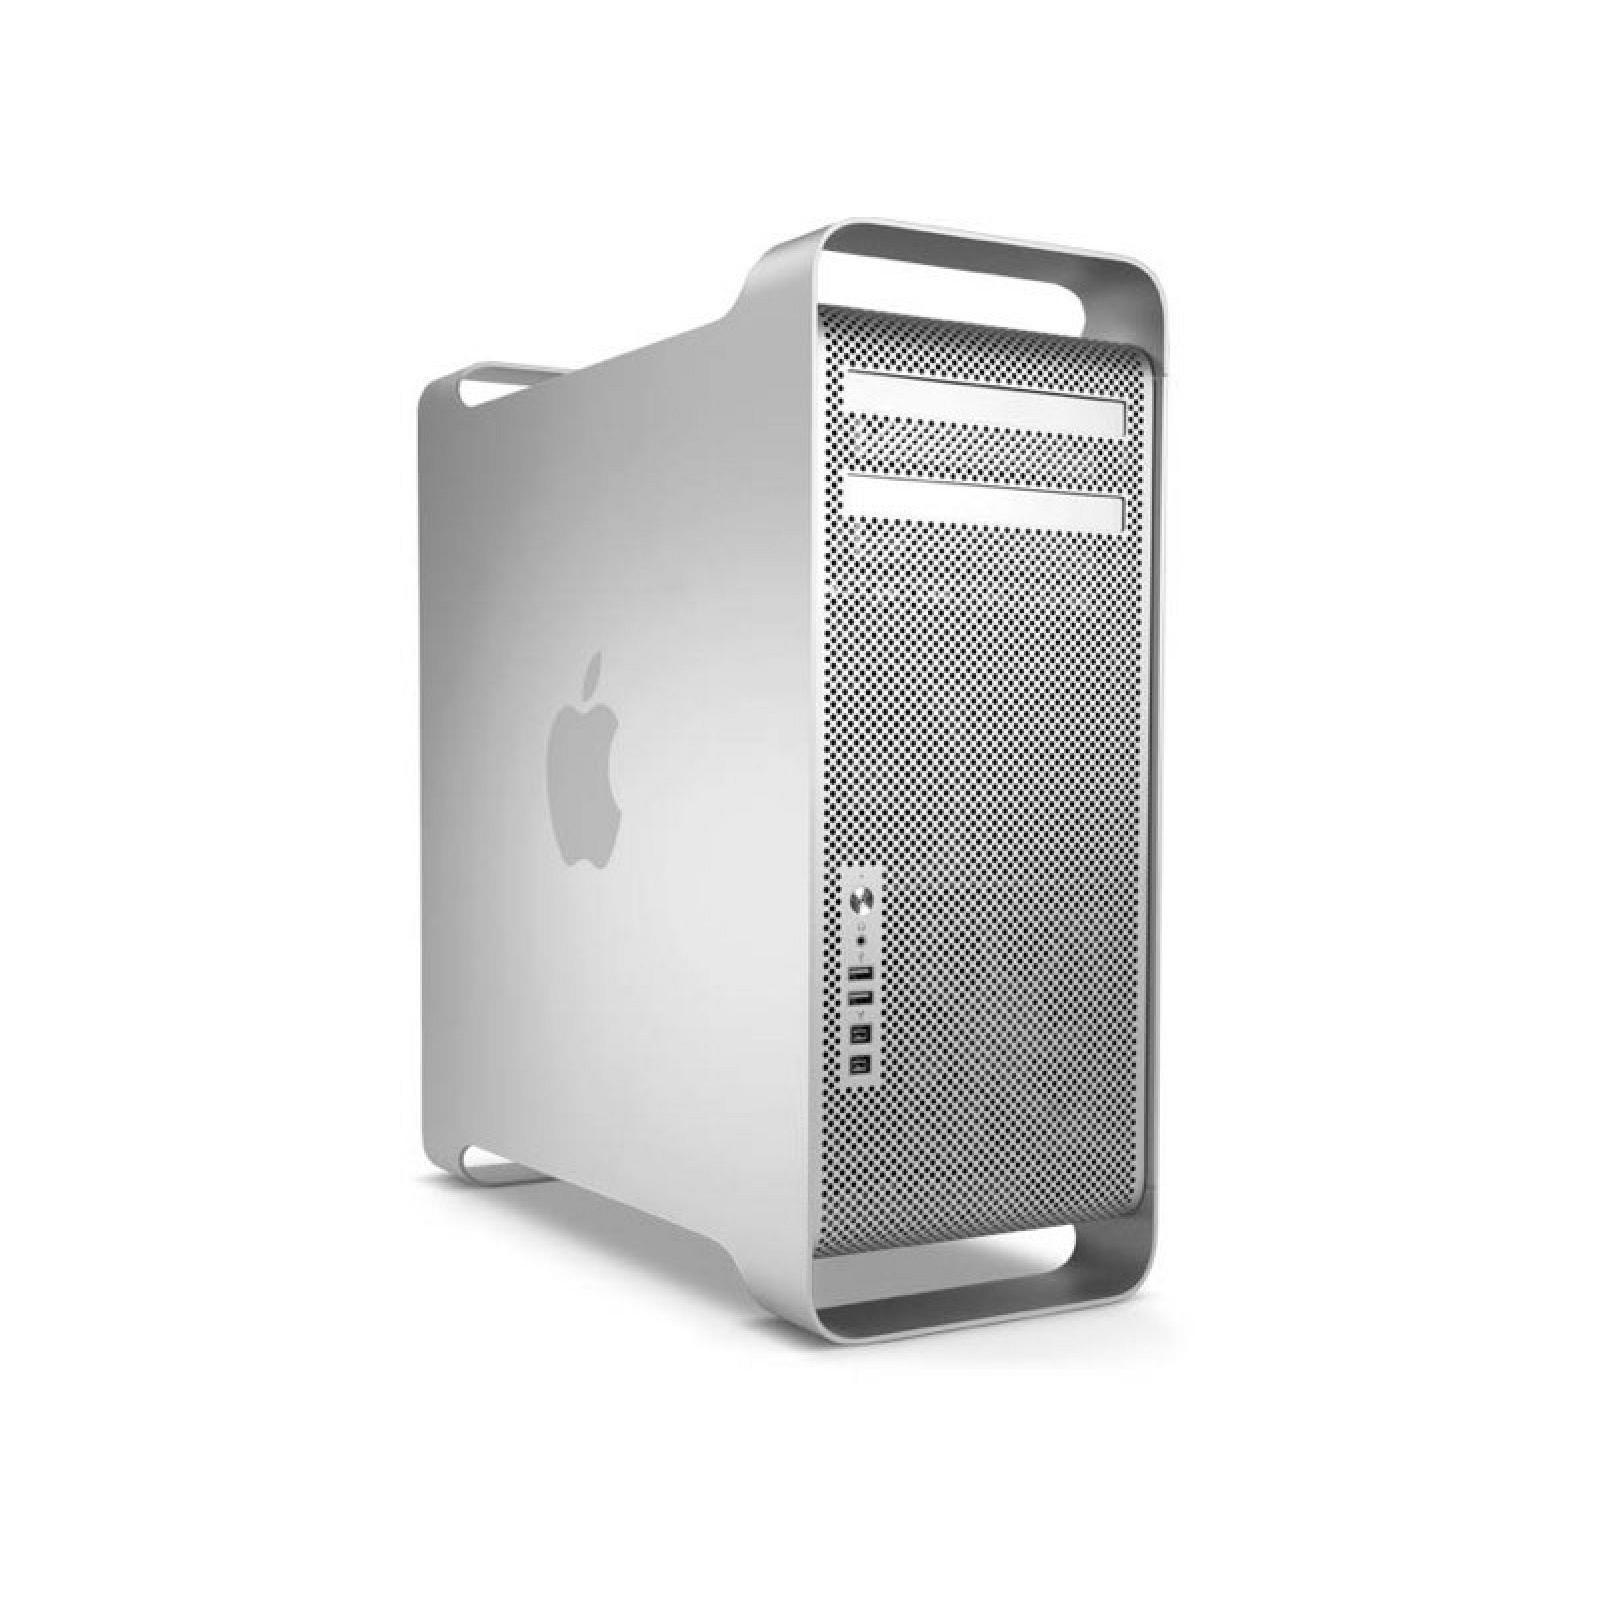 Mac Pro (2010) Xeon 3,2 GHz - HDD 1 TB - 6GB